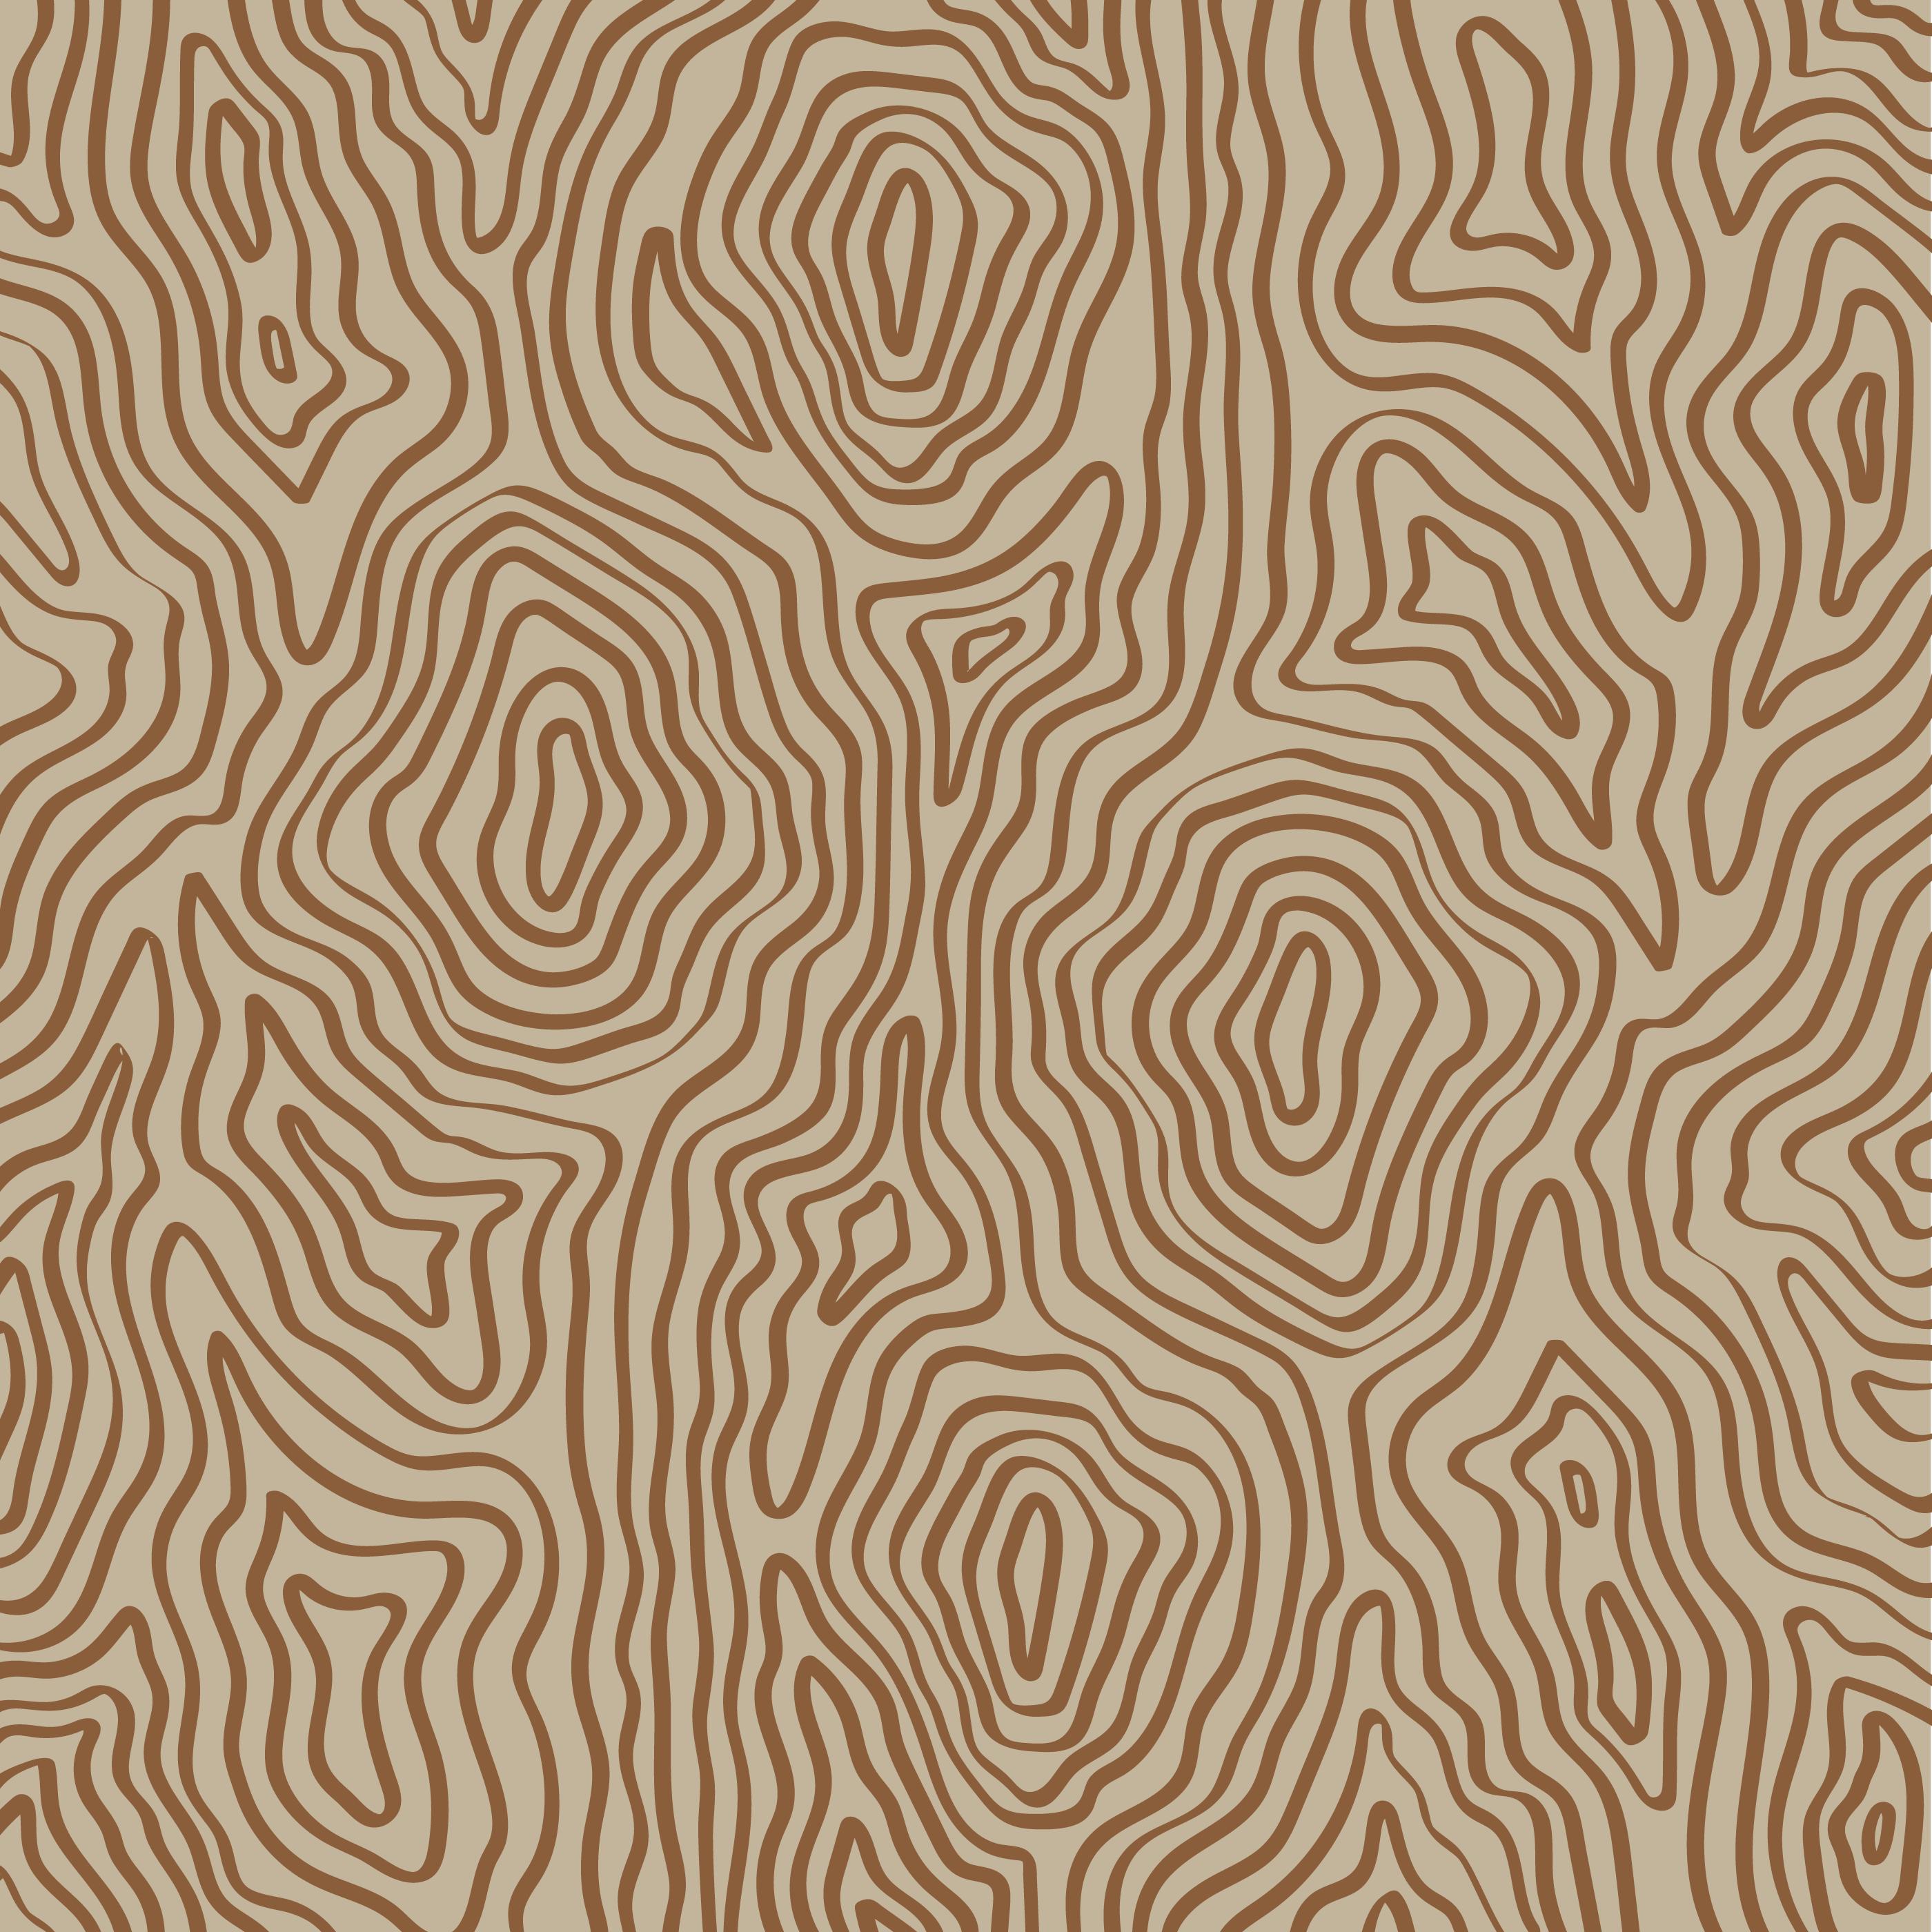 木紋背景 免費下載 | 天天瘋後製